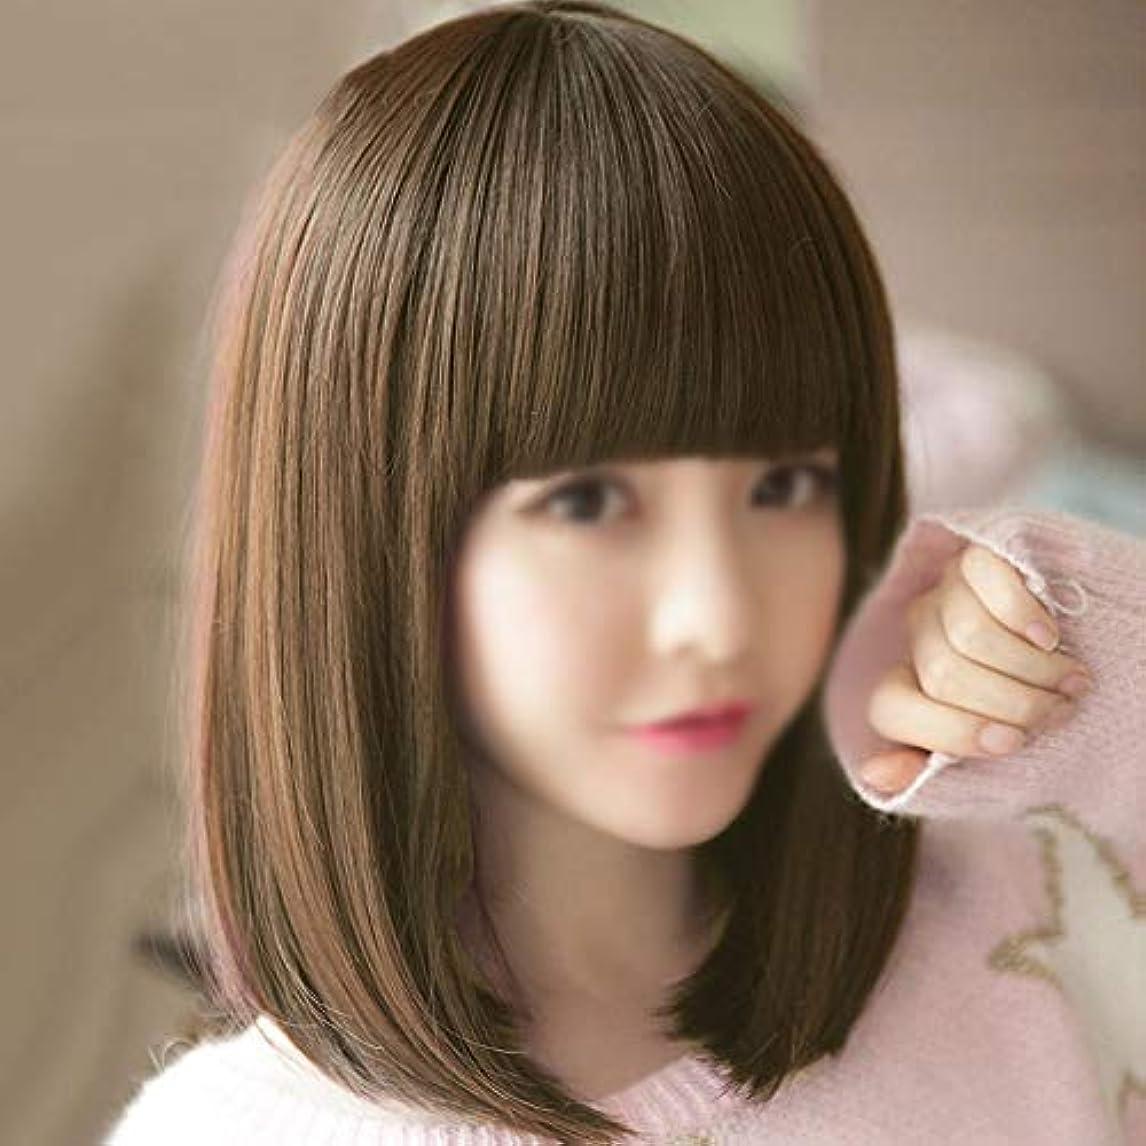 候補者レッスンくさびWASAIO ショートヘア前髪ウィッグウィメンズブラウンショートストレートヘアボブ (色 : 淡い茶色)